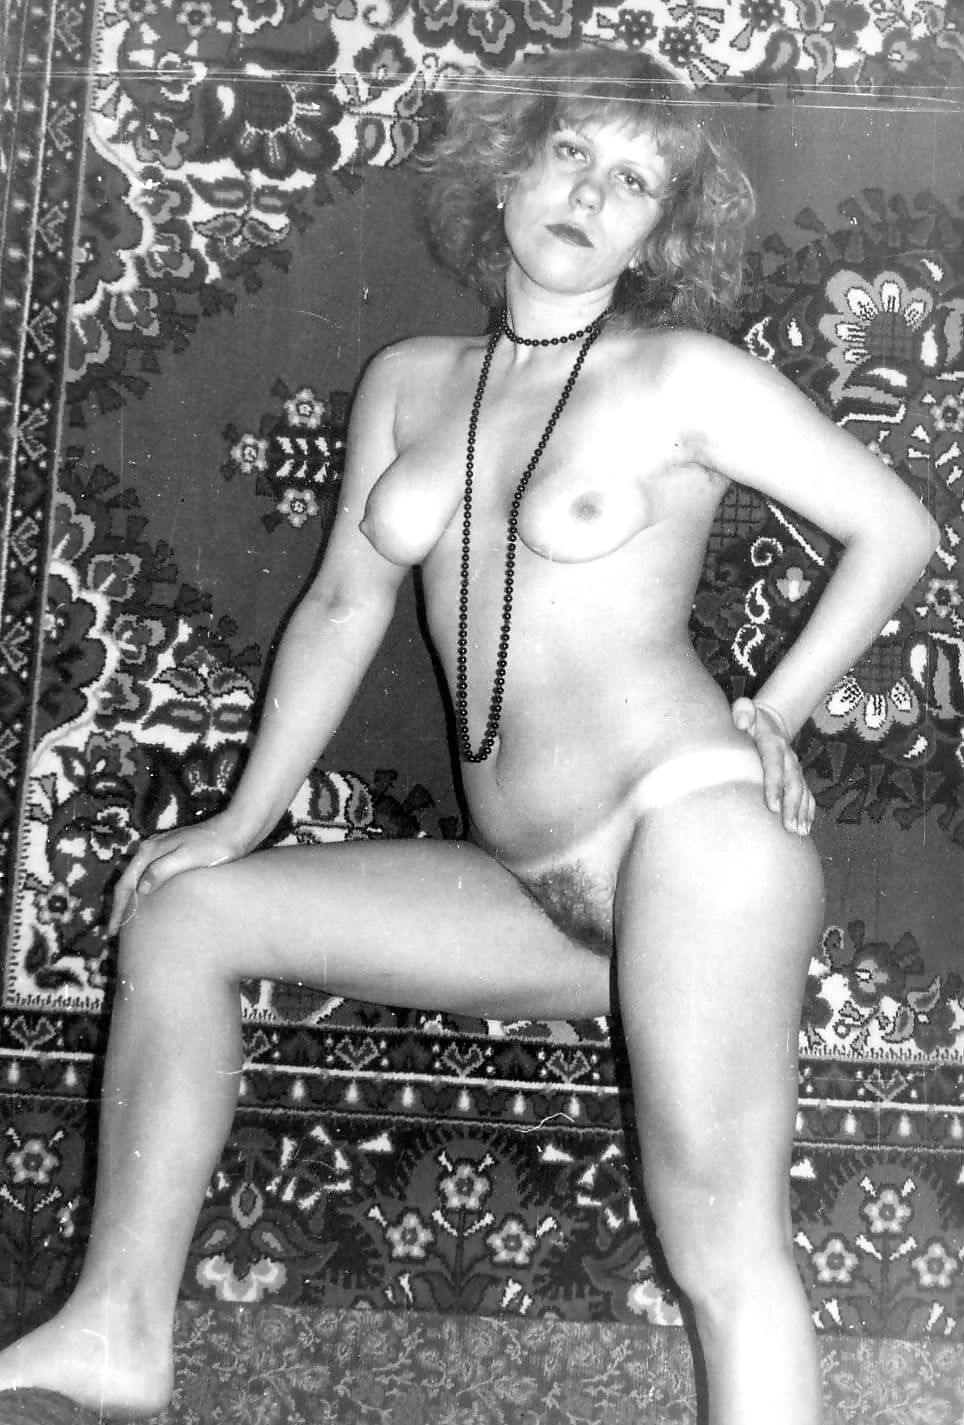 смялась, словно старые эротические фотографии времен ссср попросила меня